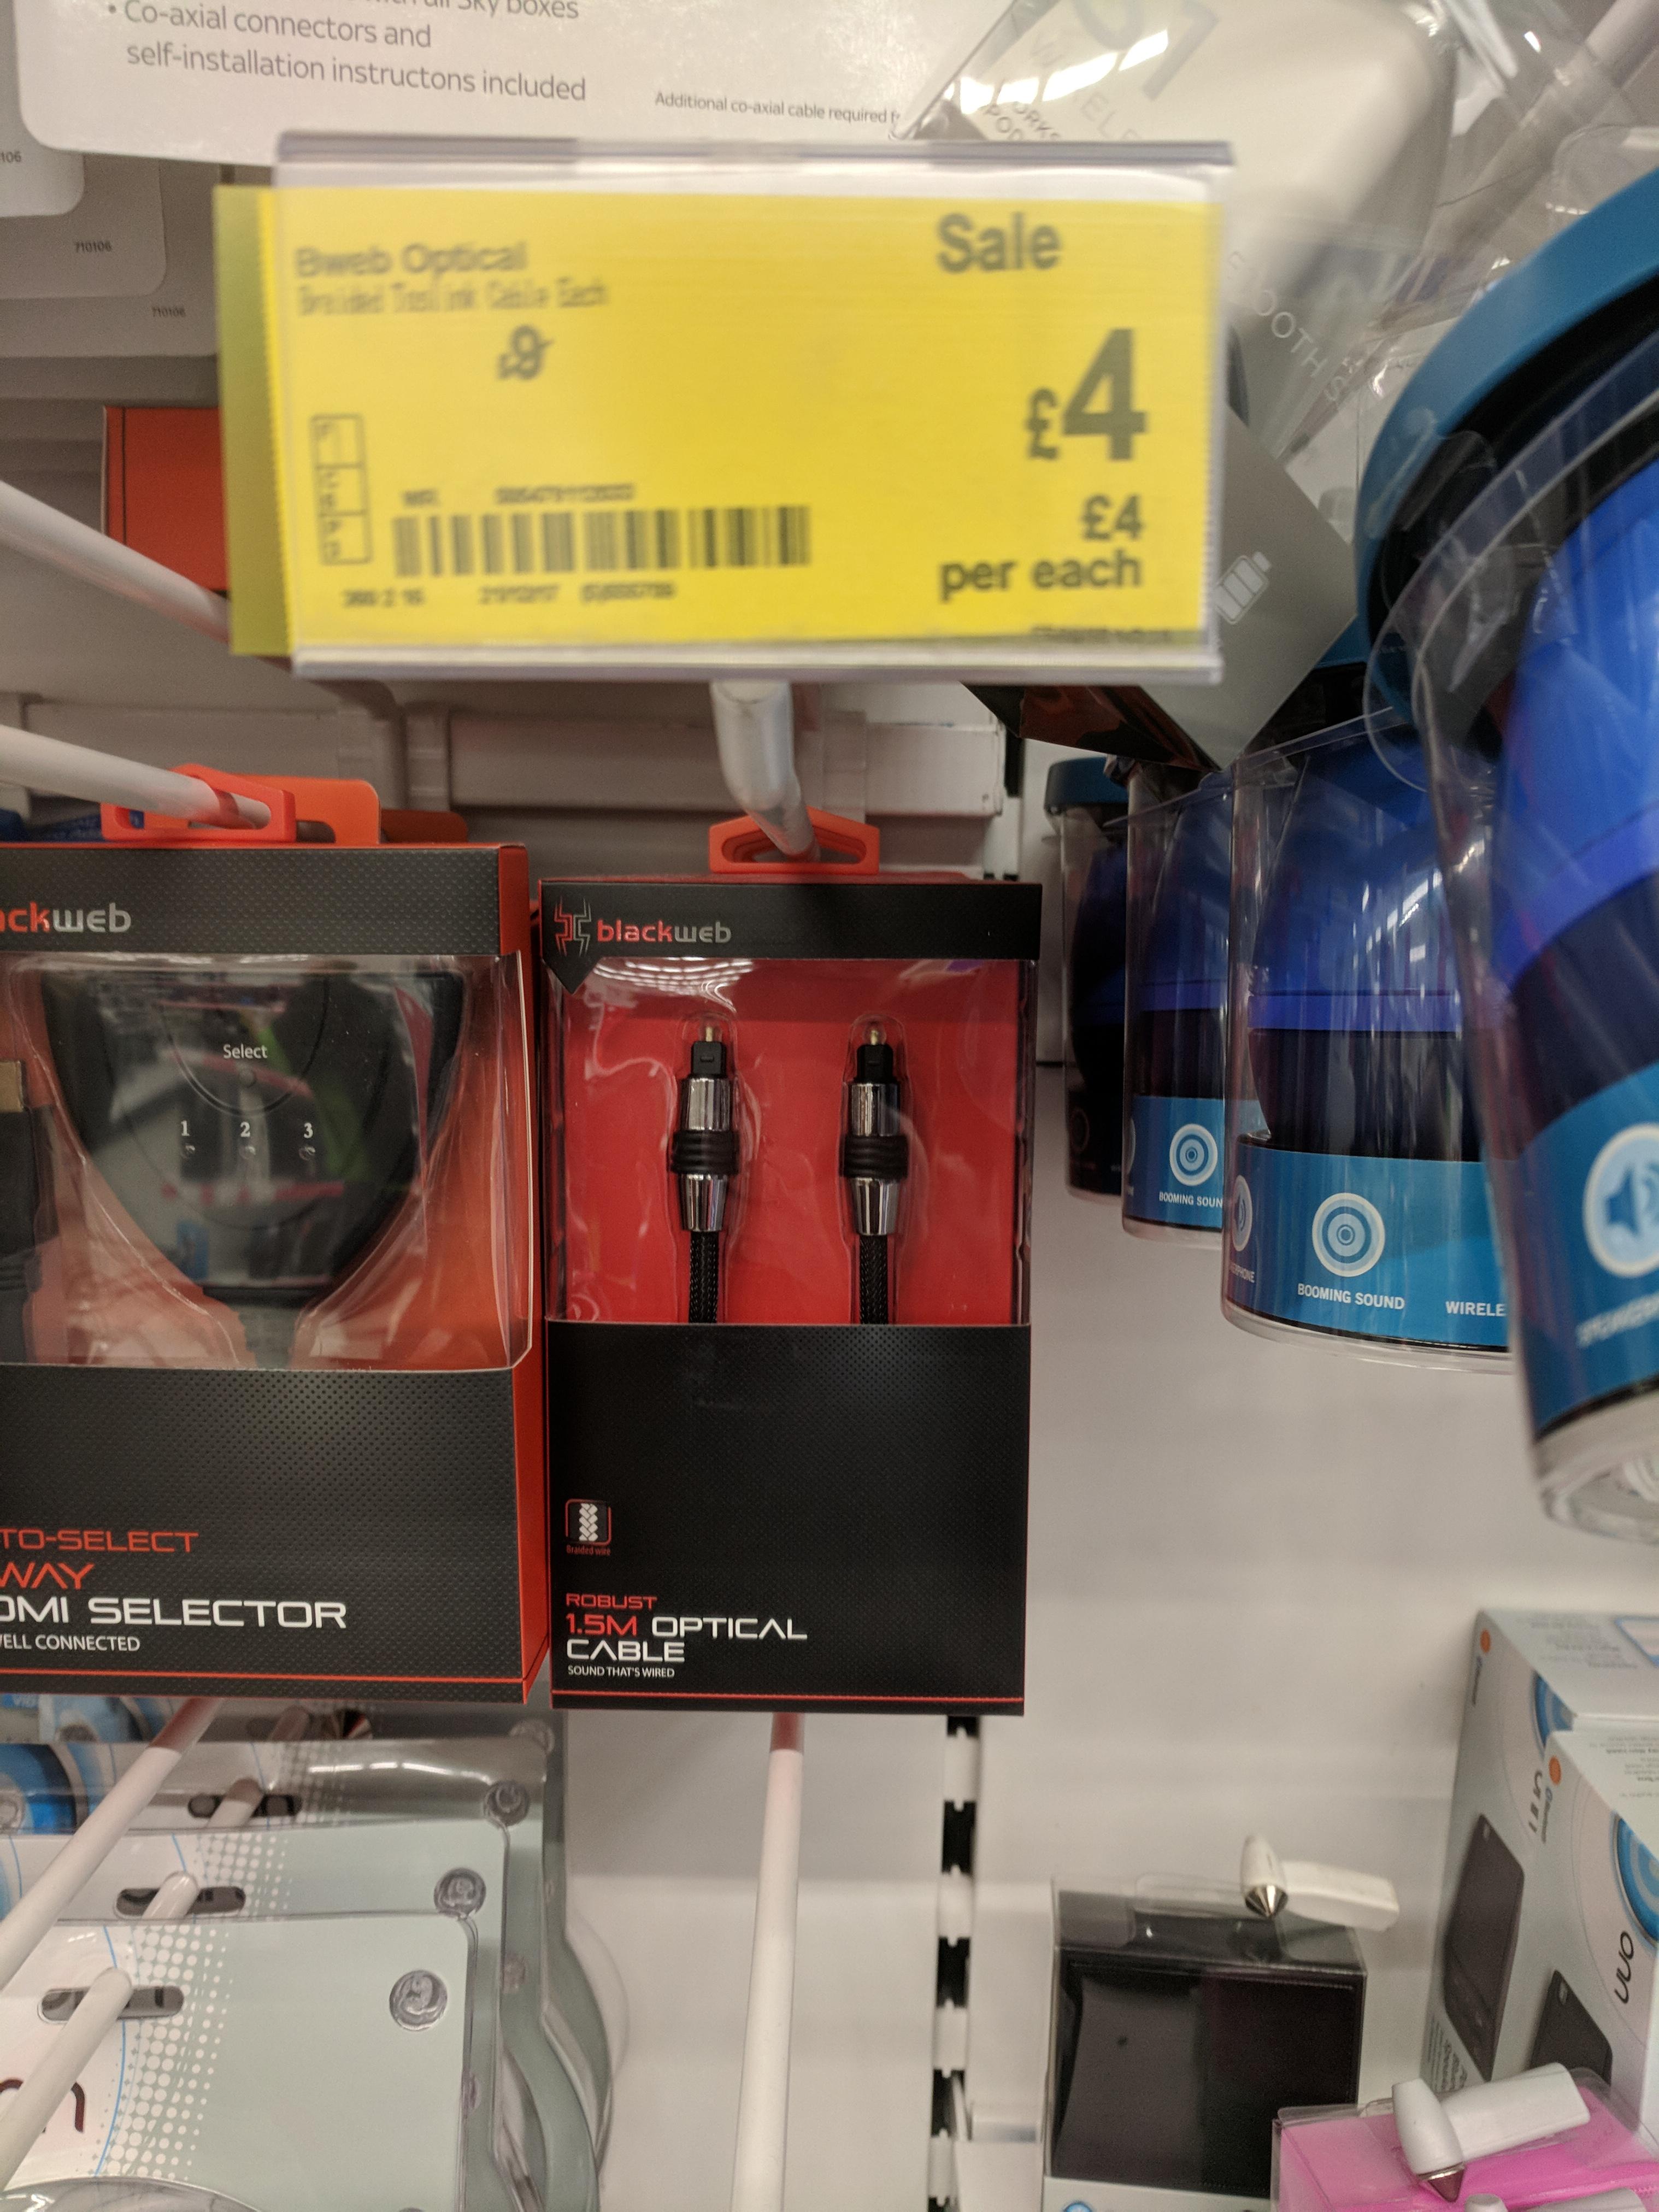 1.5m Digital Optical Audio Lead by Blackweb was £9 in Asda